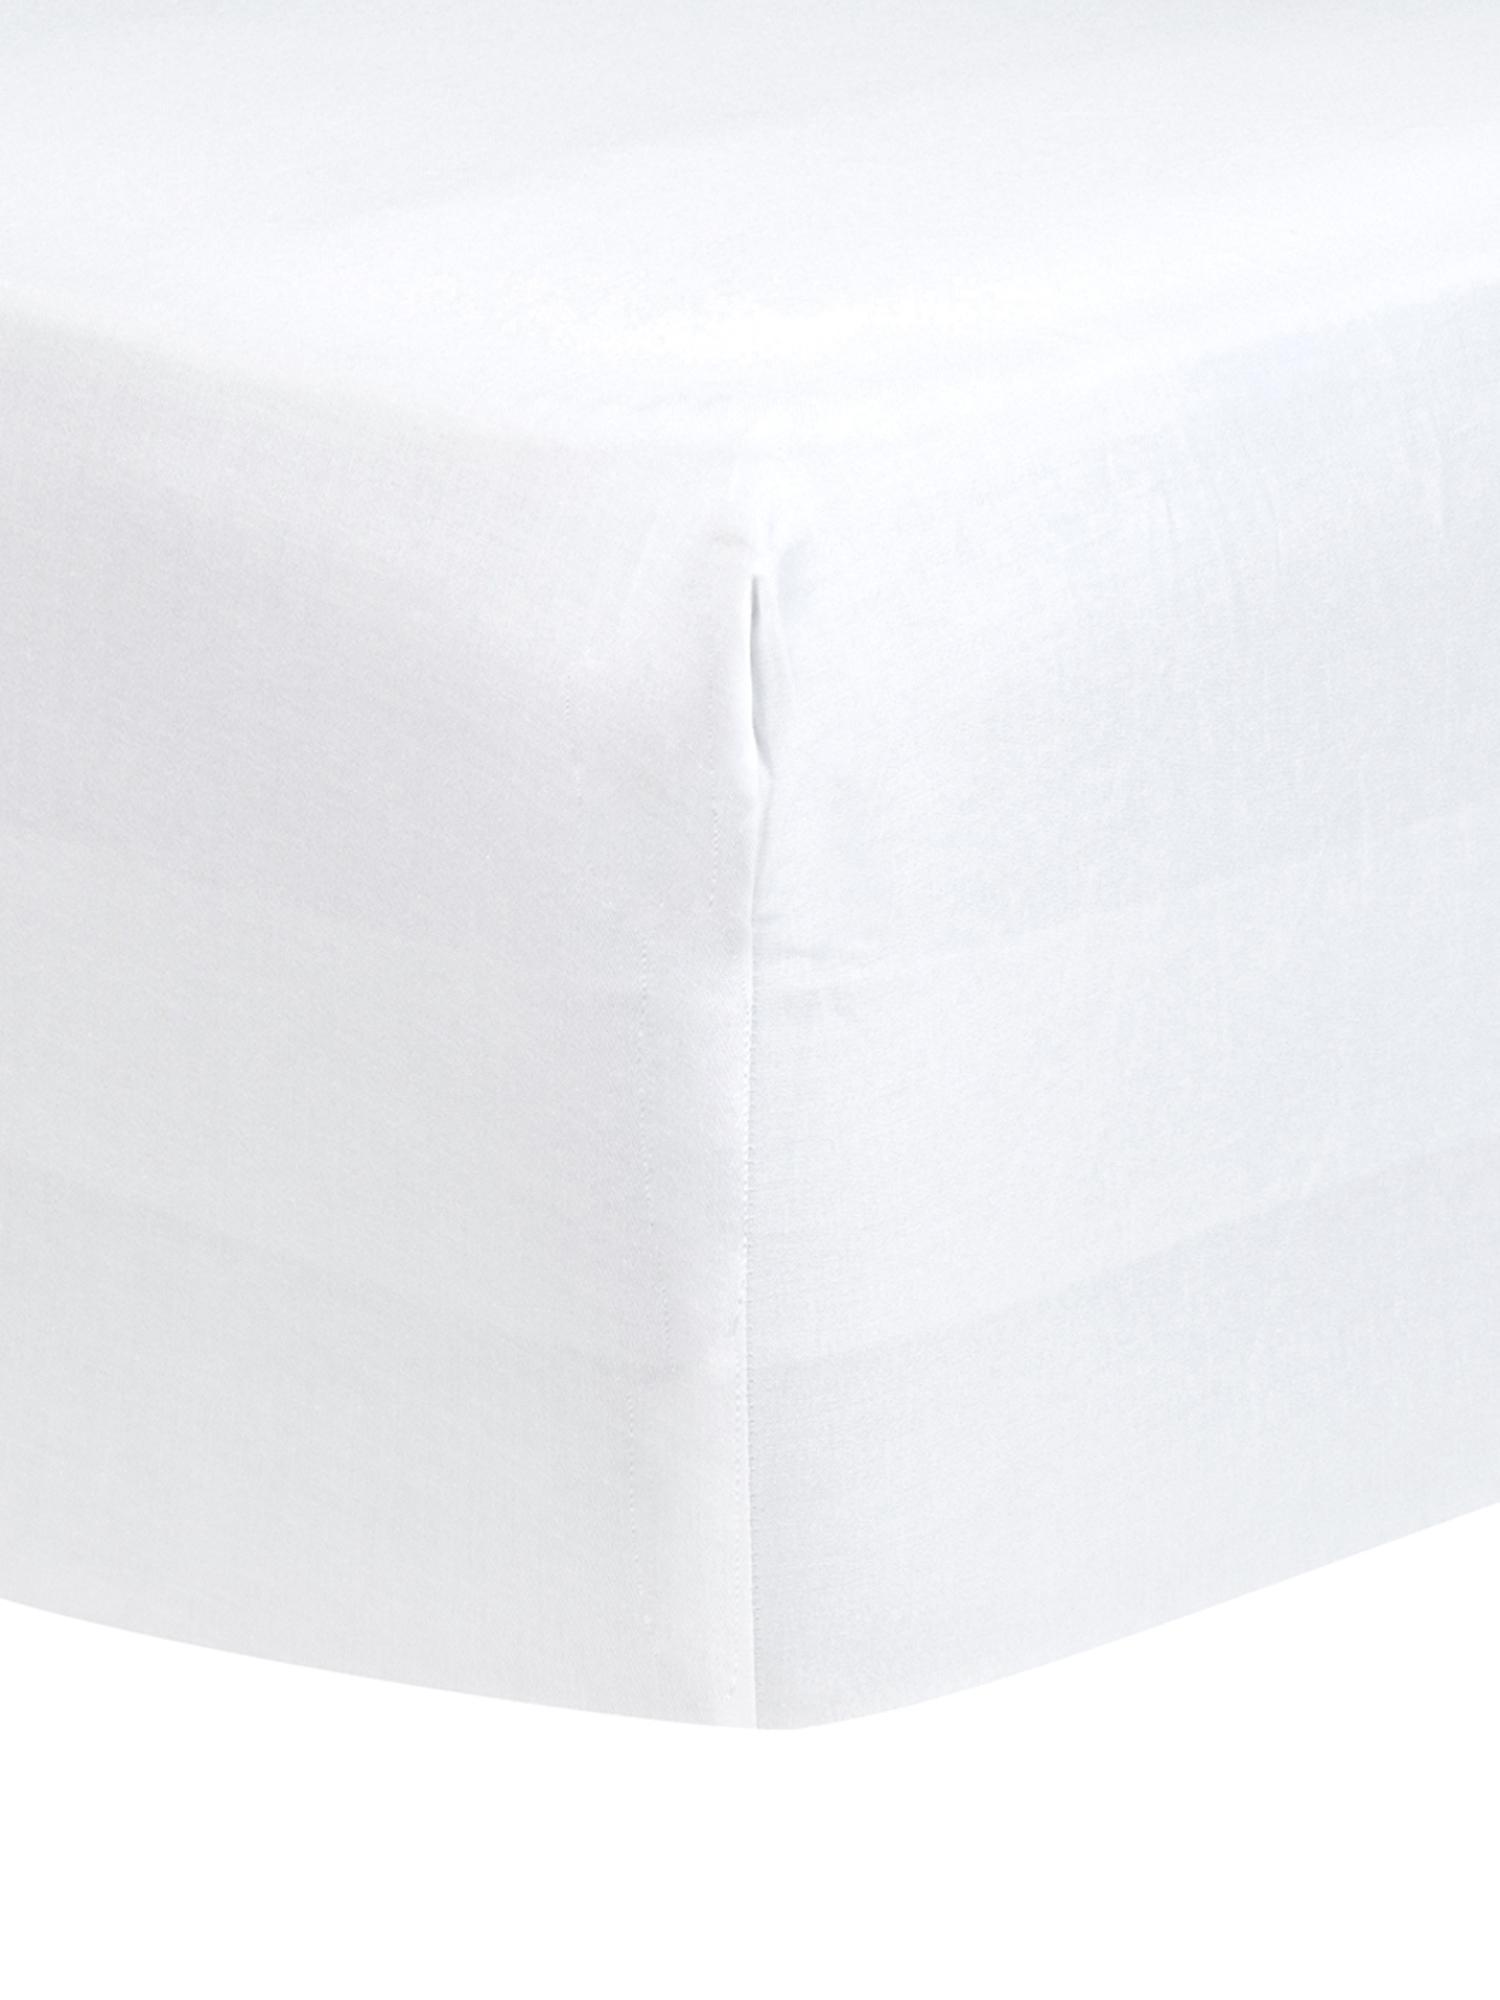 Spannbettlaken Comfort, Baumwollsatin, Webart: Satin, leicht glänzend, Weiß, 90 x 200 cm